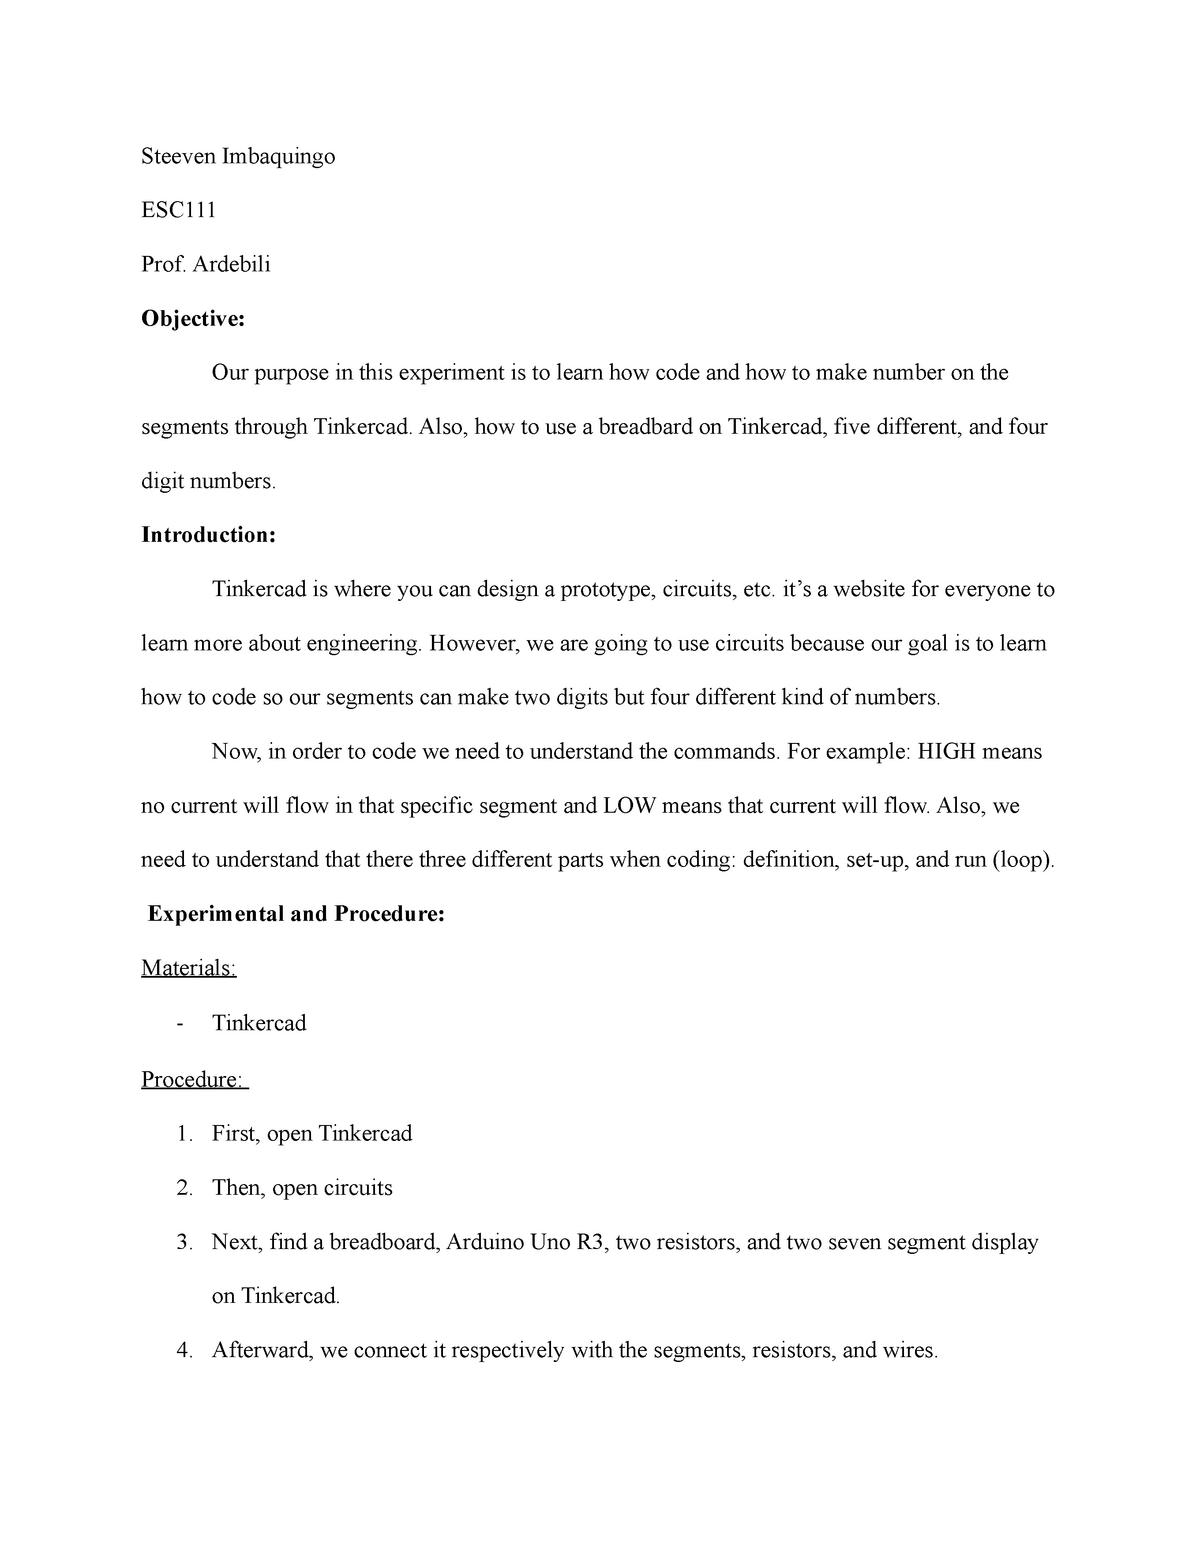 Steeven Imbaquingo - lab report - ESC 111 - BMCC - StuDocu